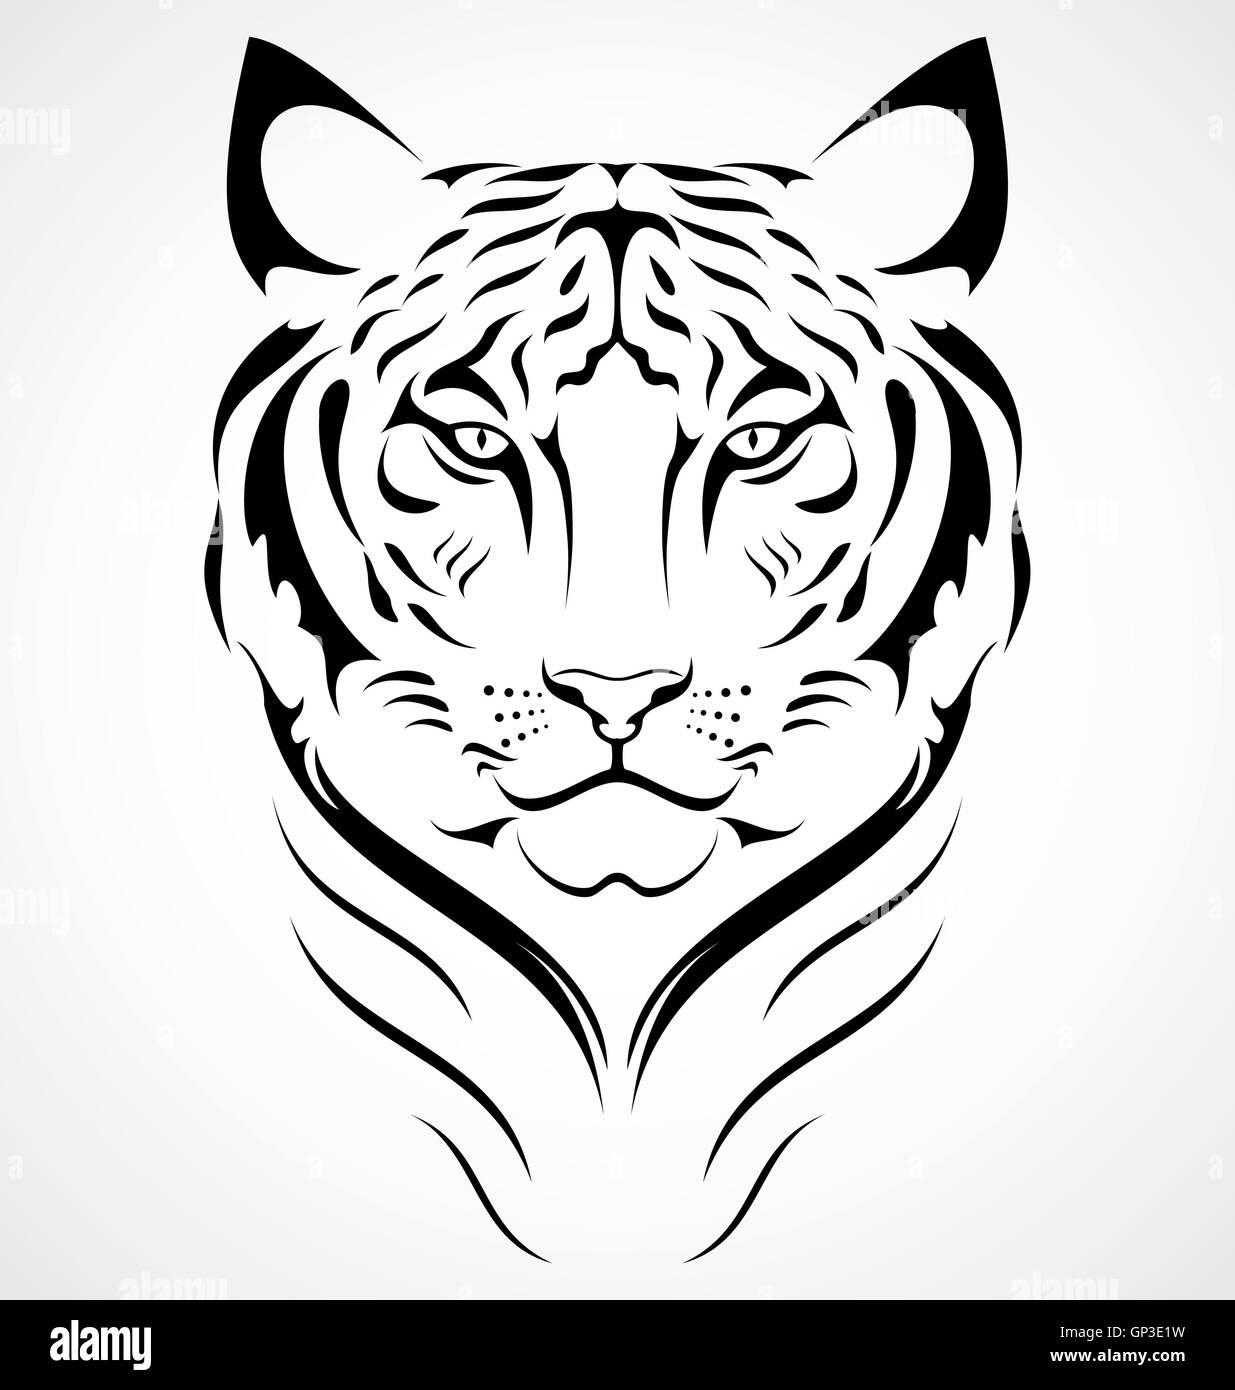 Diseno De Tatuaje De Tigre De Bengala Ilustracion Del